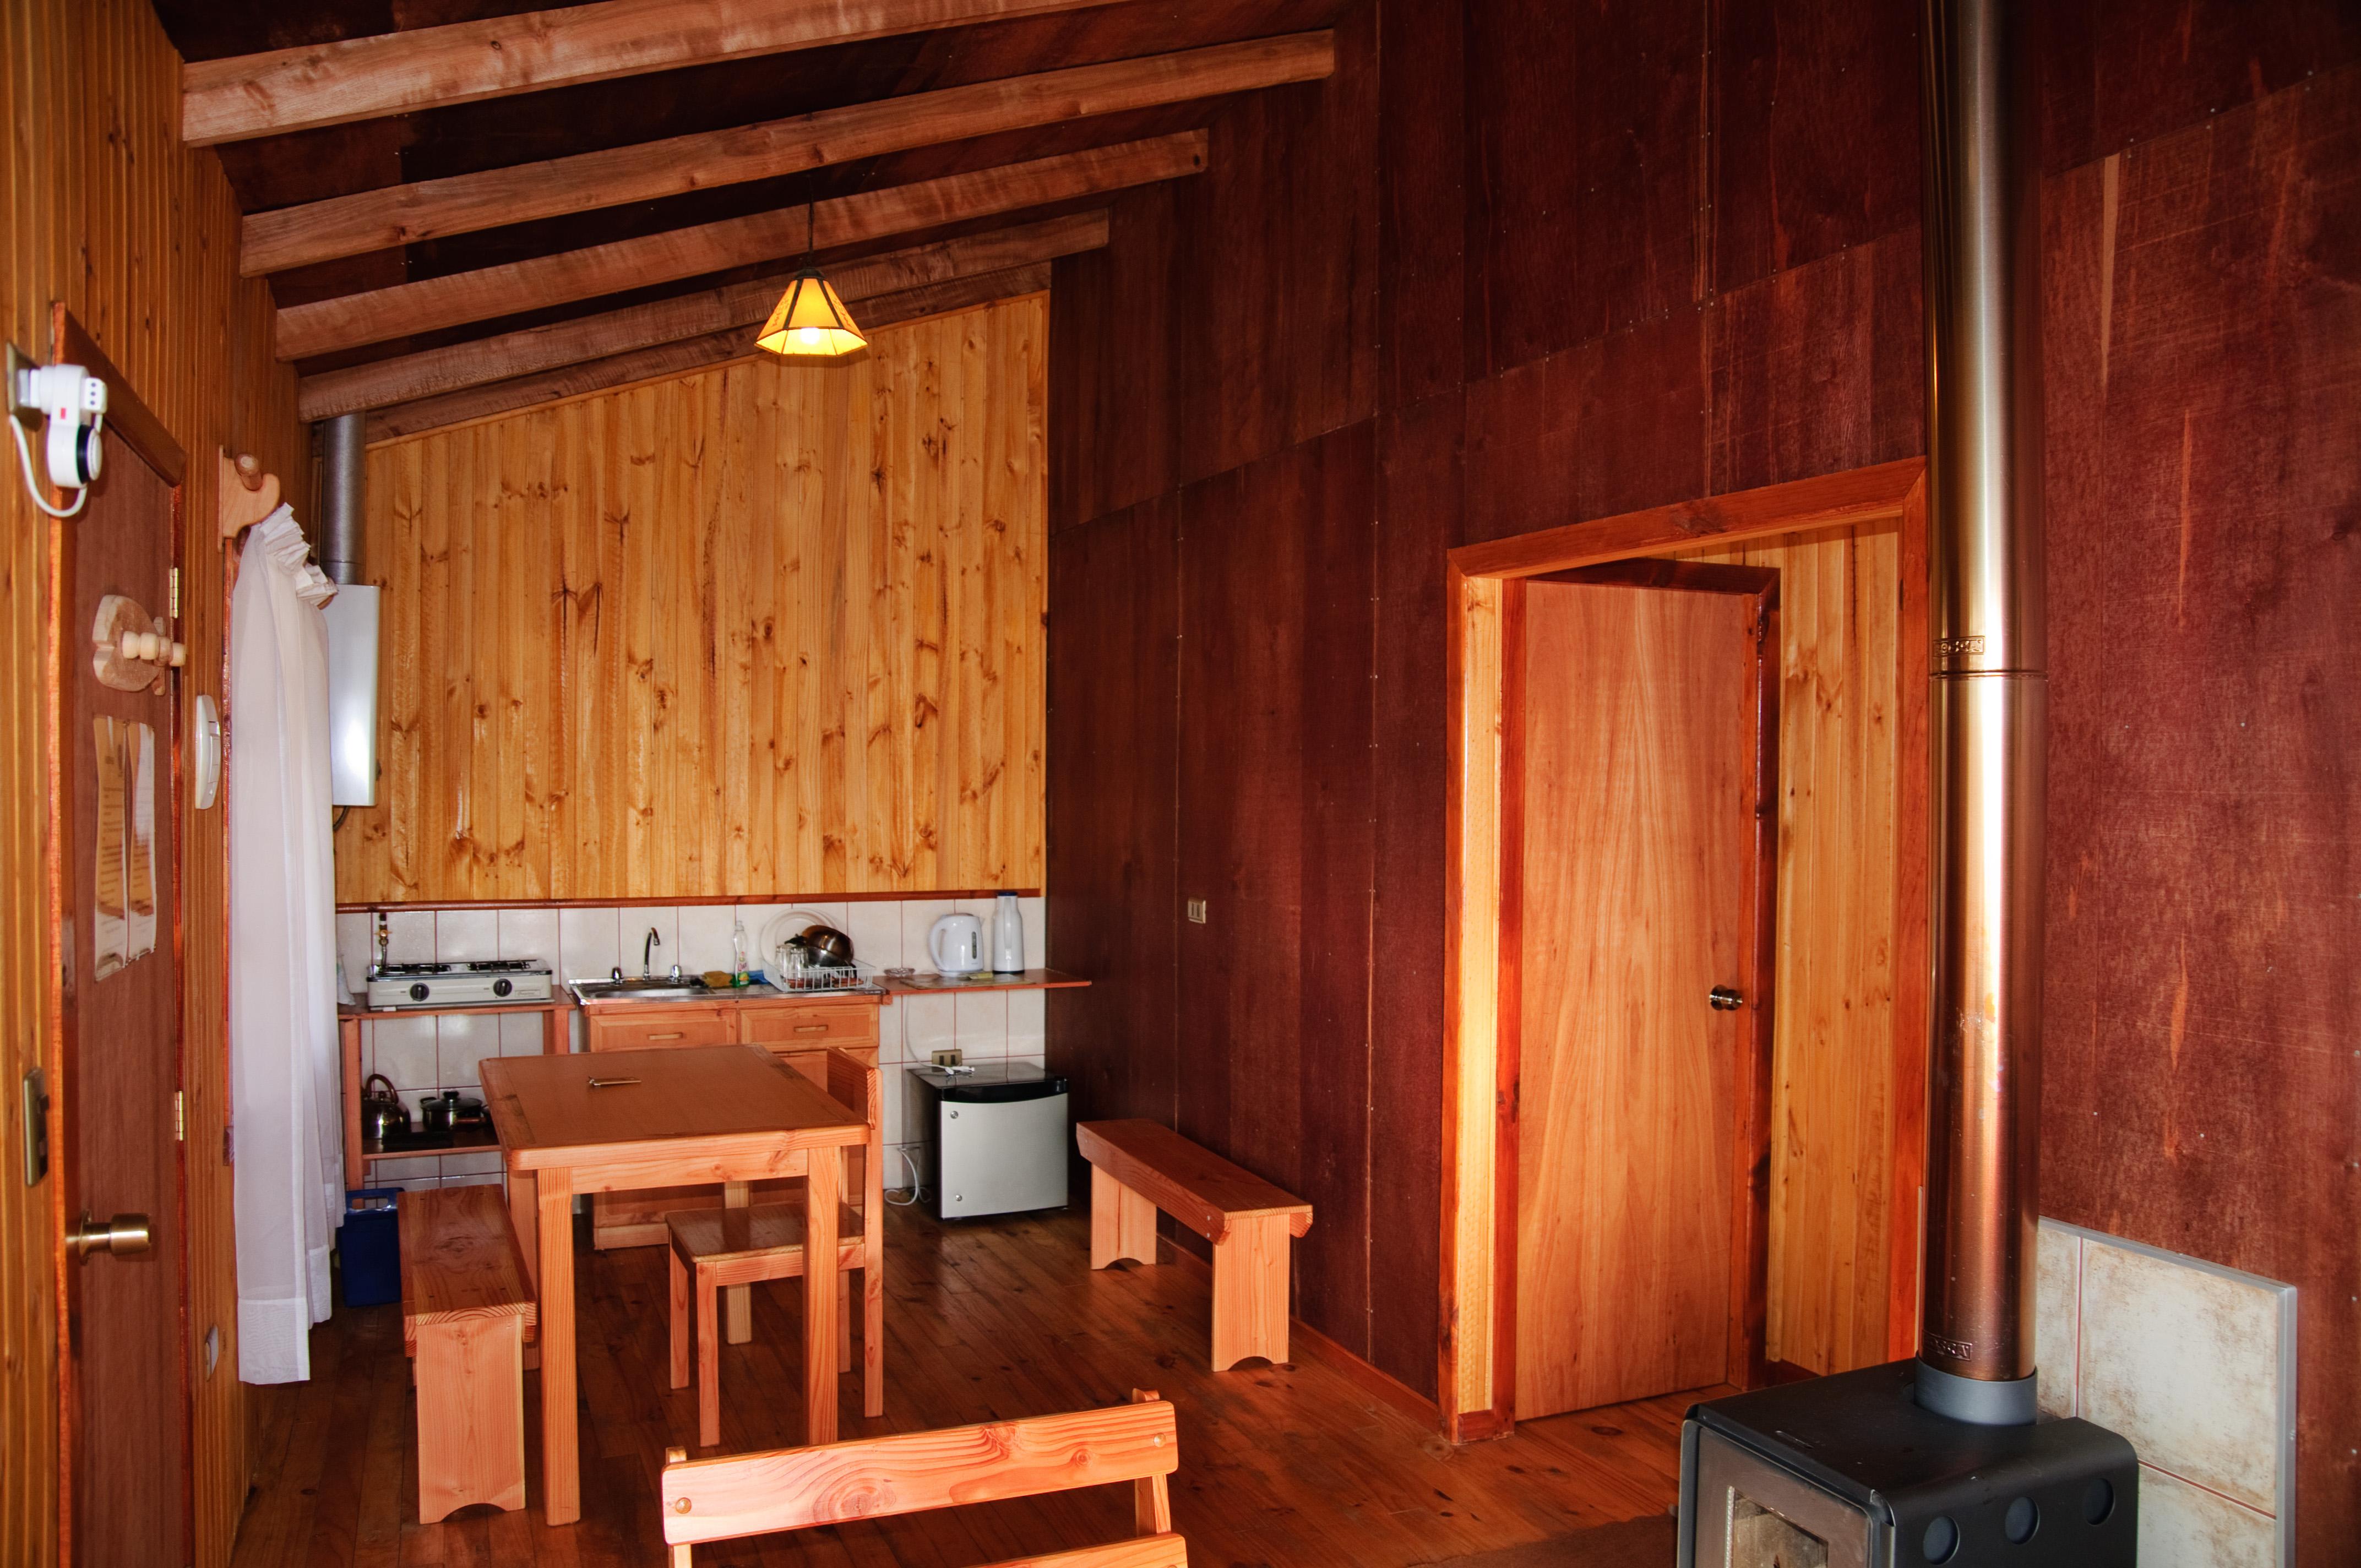 Fotos gratis piso propiedad nikon habitaci n chile for Diseno de interiores de casas gratis